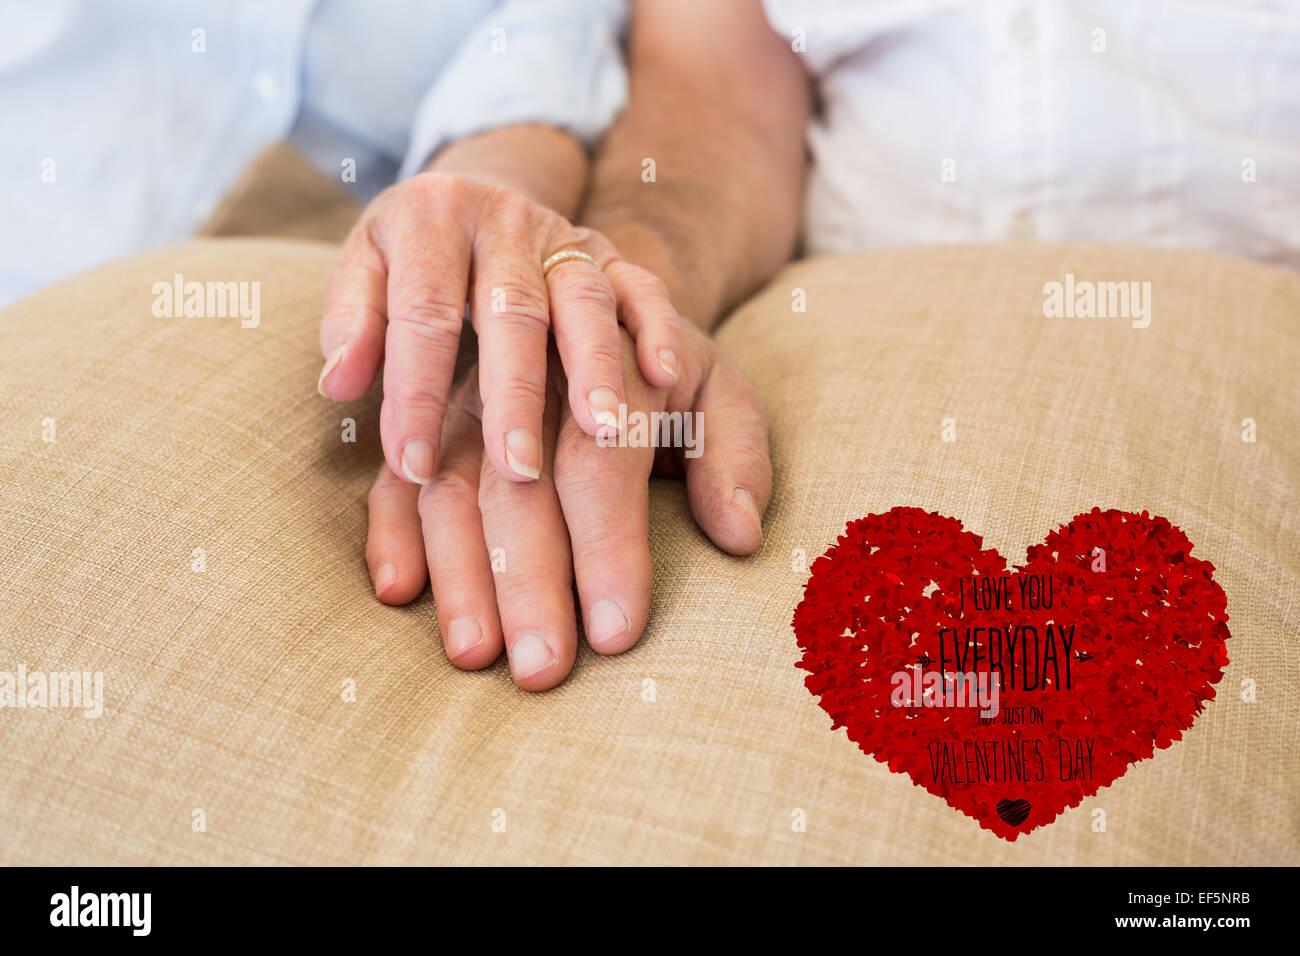 Immagine composita di vi amo tutti i giorni Immagini Stock